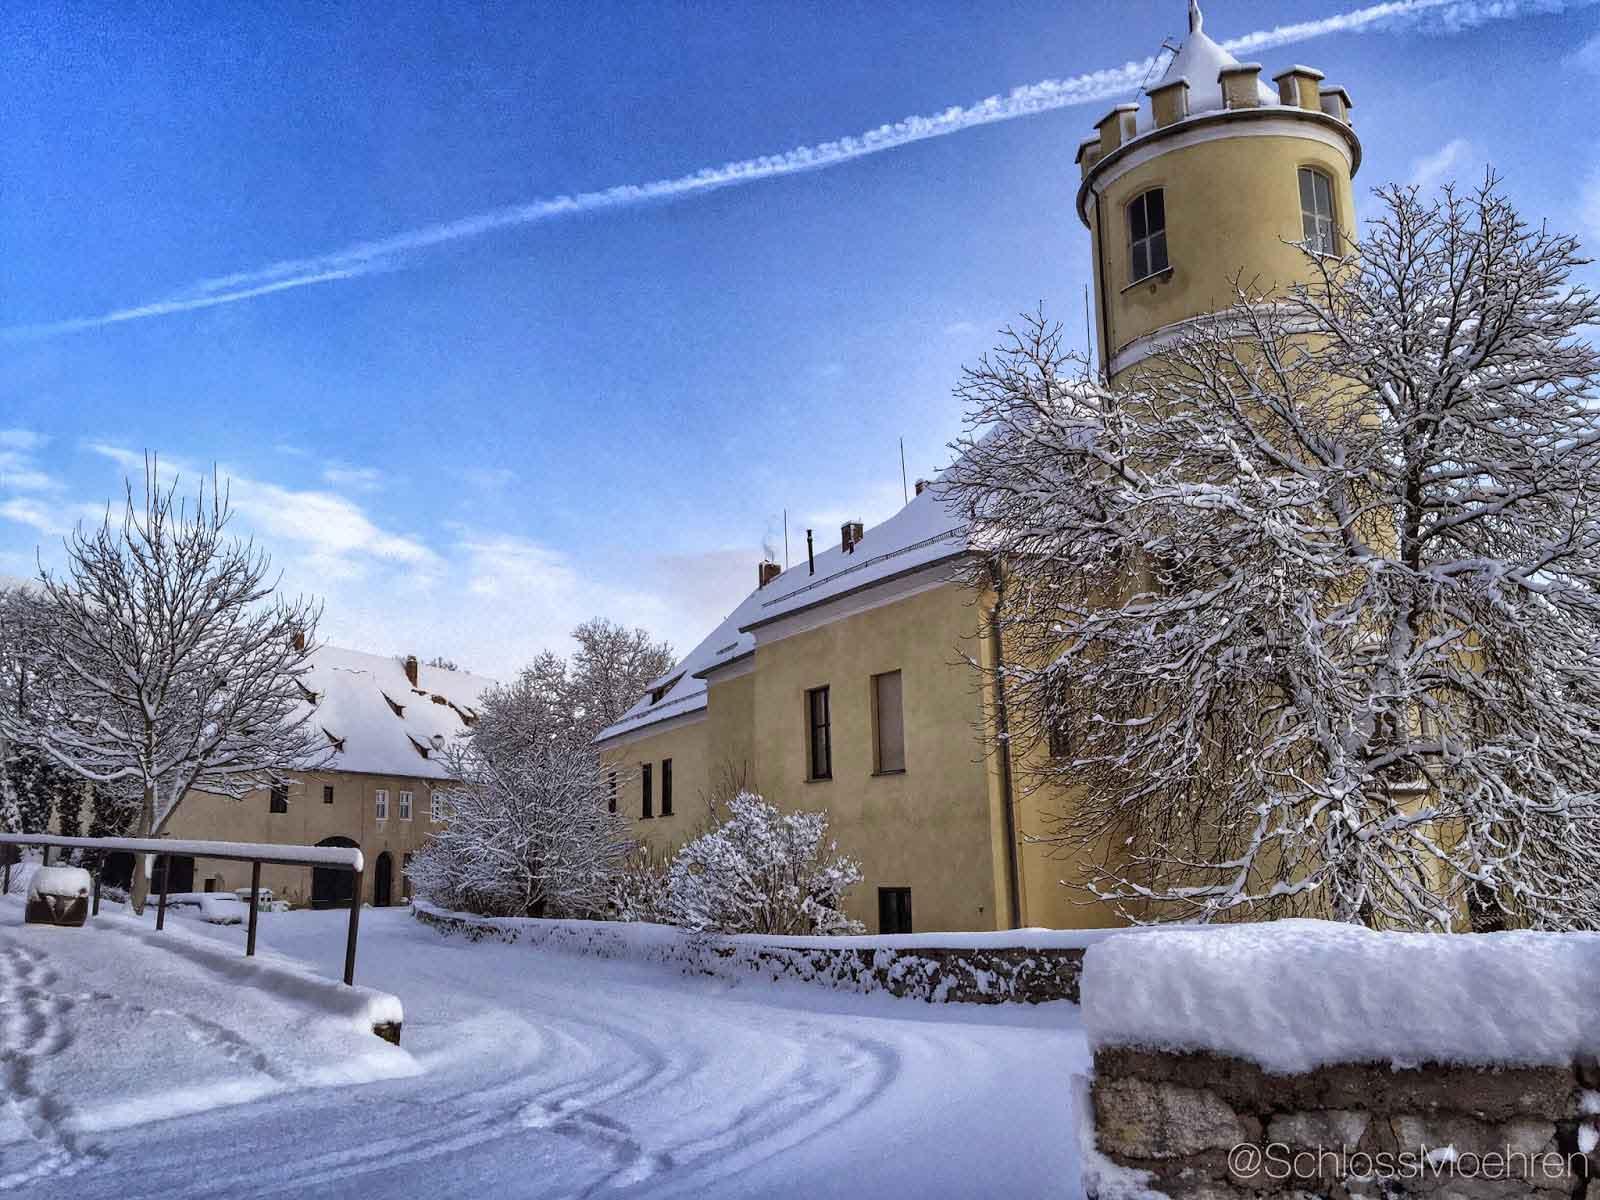 Landgoed in de sneeuw Kasteel | Schloss Möhren | Winter